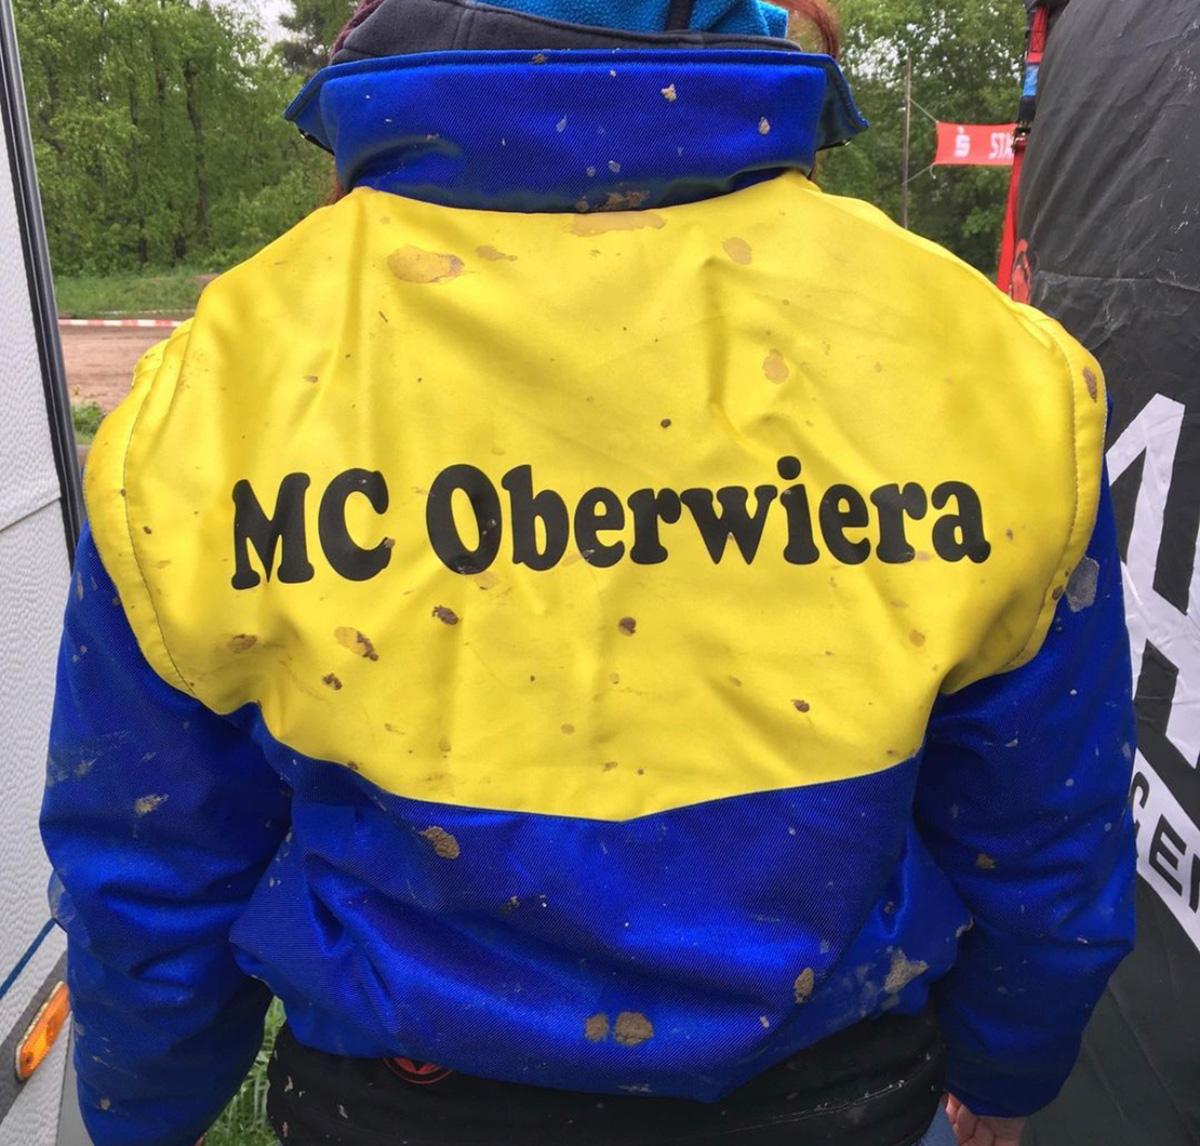 MC Oberwiera